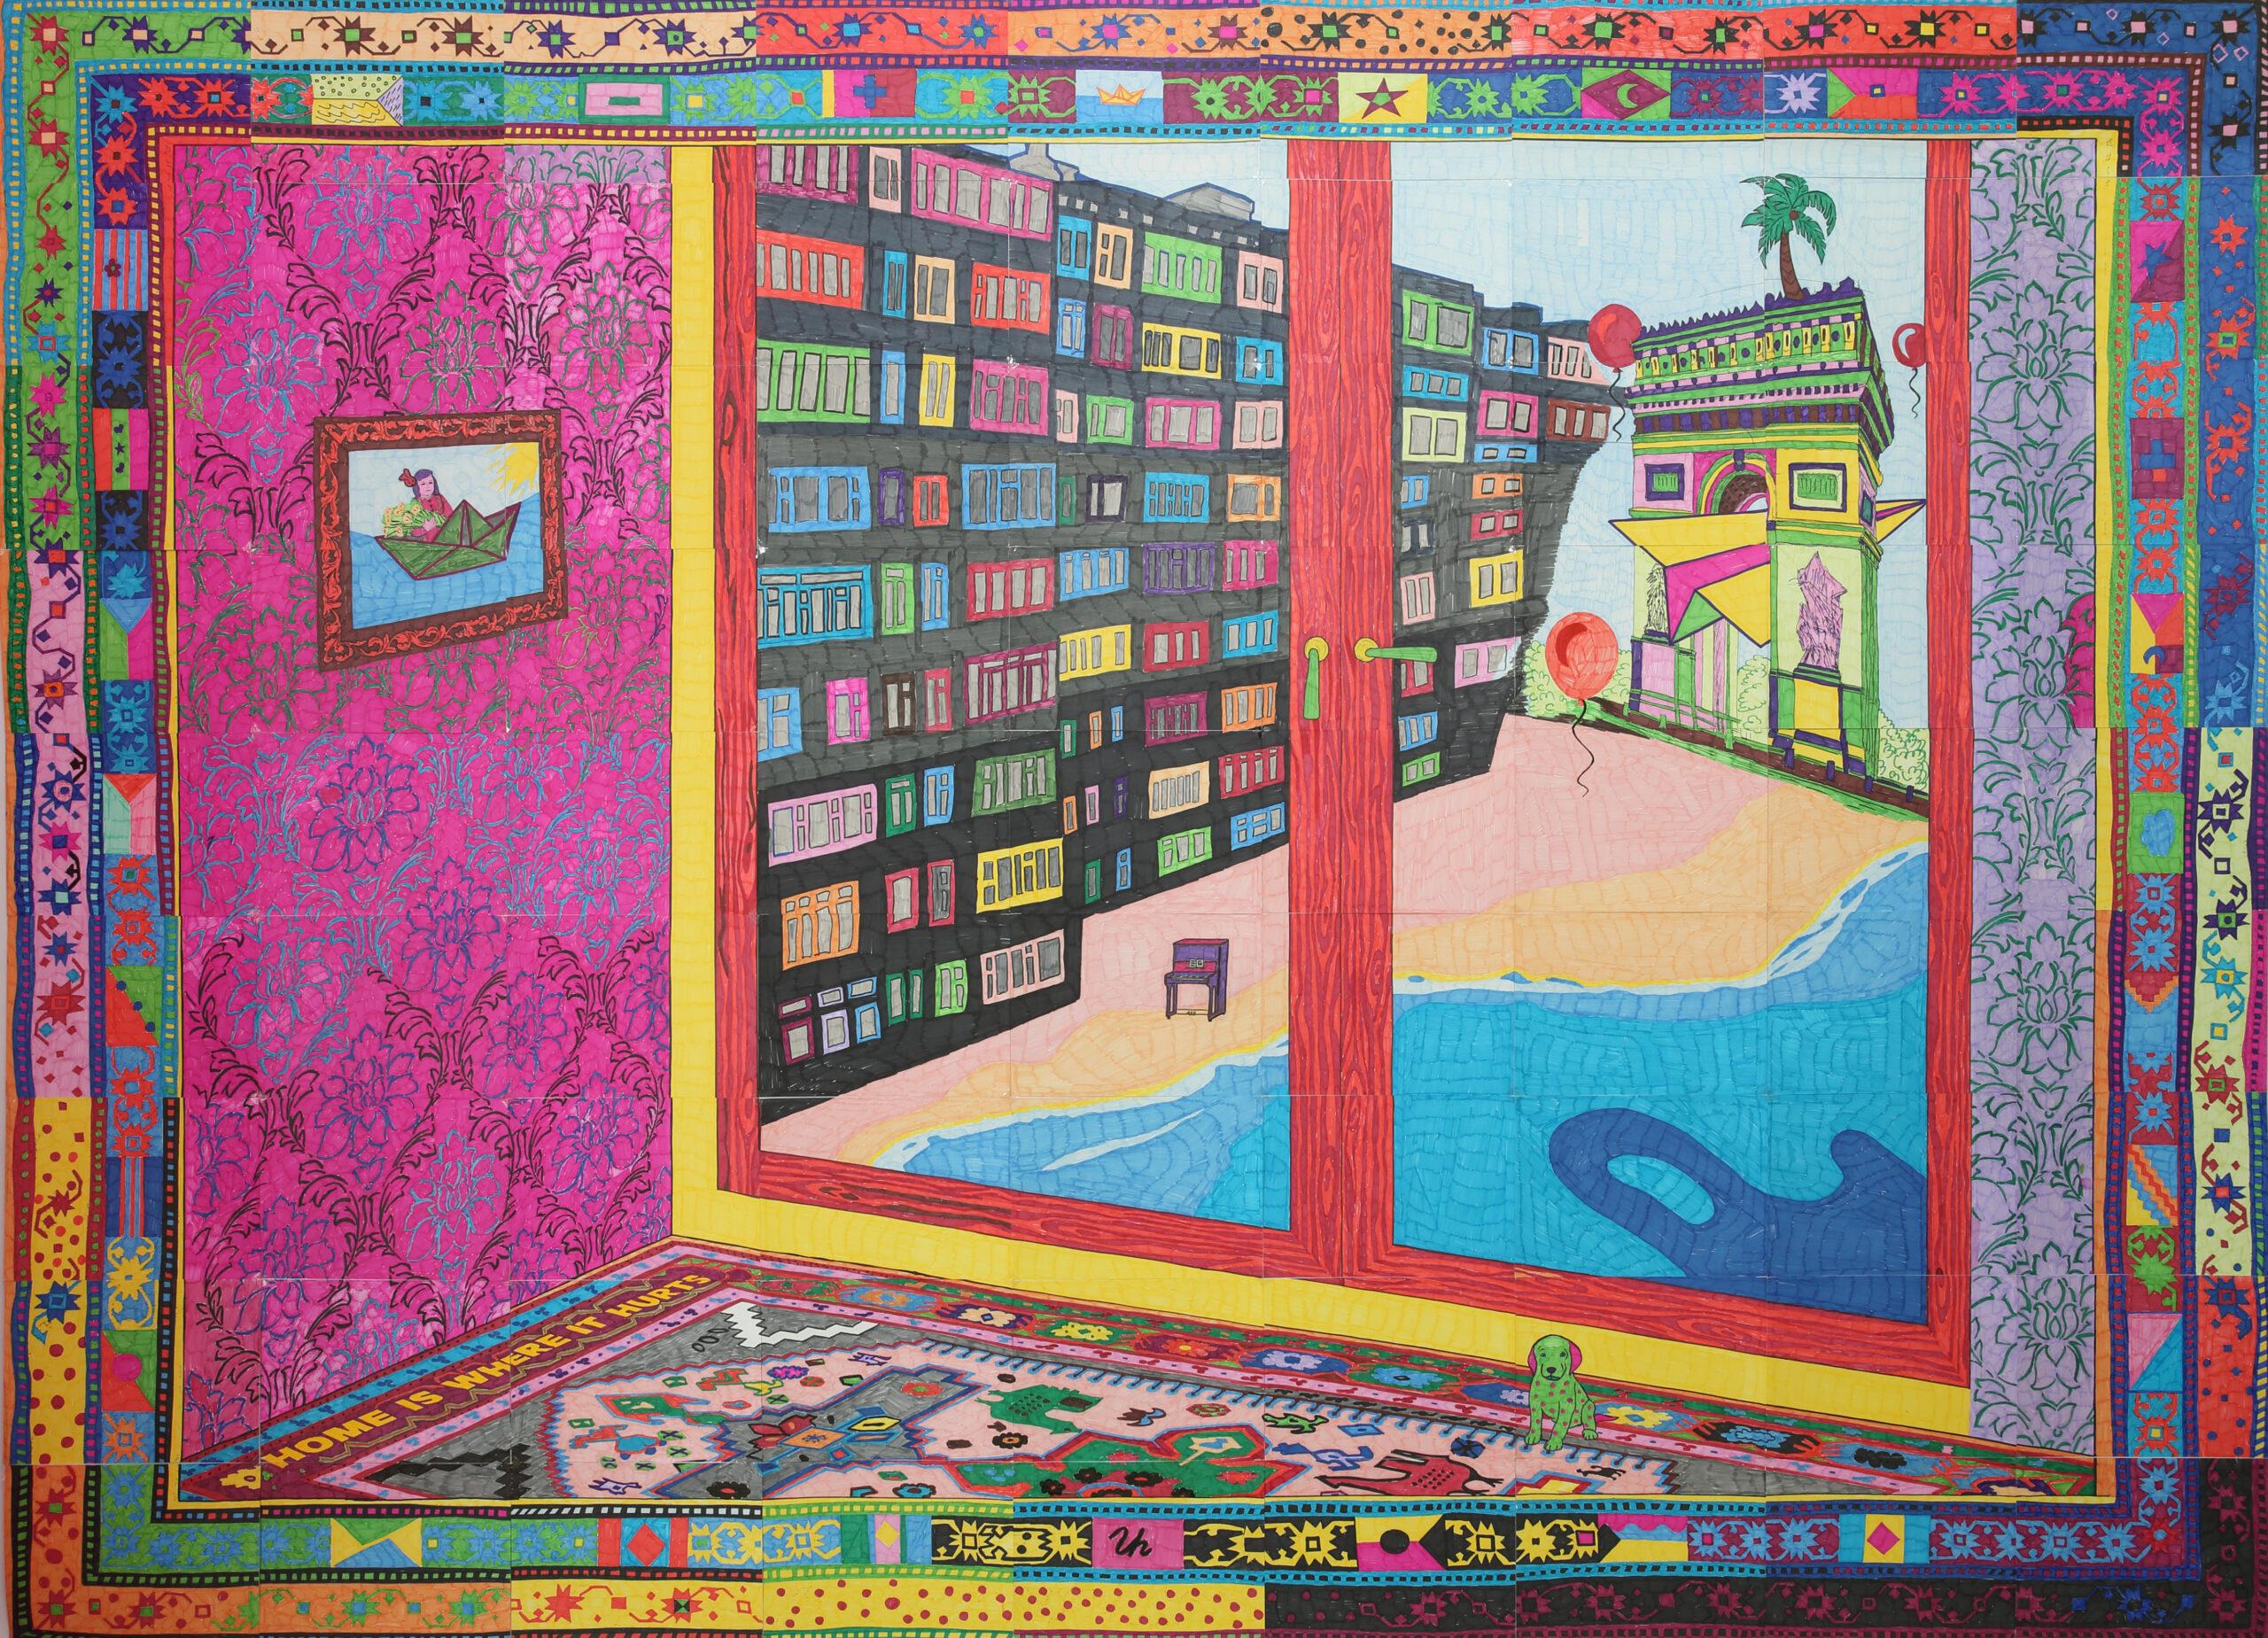 Las ventanas de mi casa / Les fenêtres de ma maison, assemblage de 81 feuilles A4, feutres sur papier, 181 x 251 cm, 2021 © Objets Pointus.